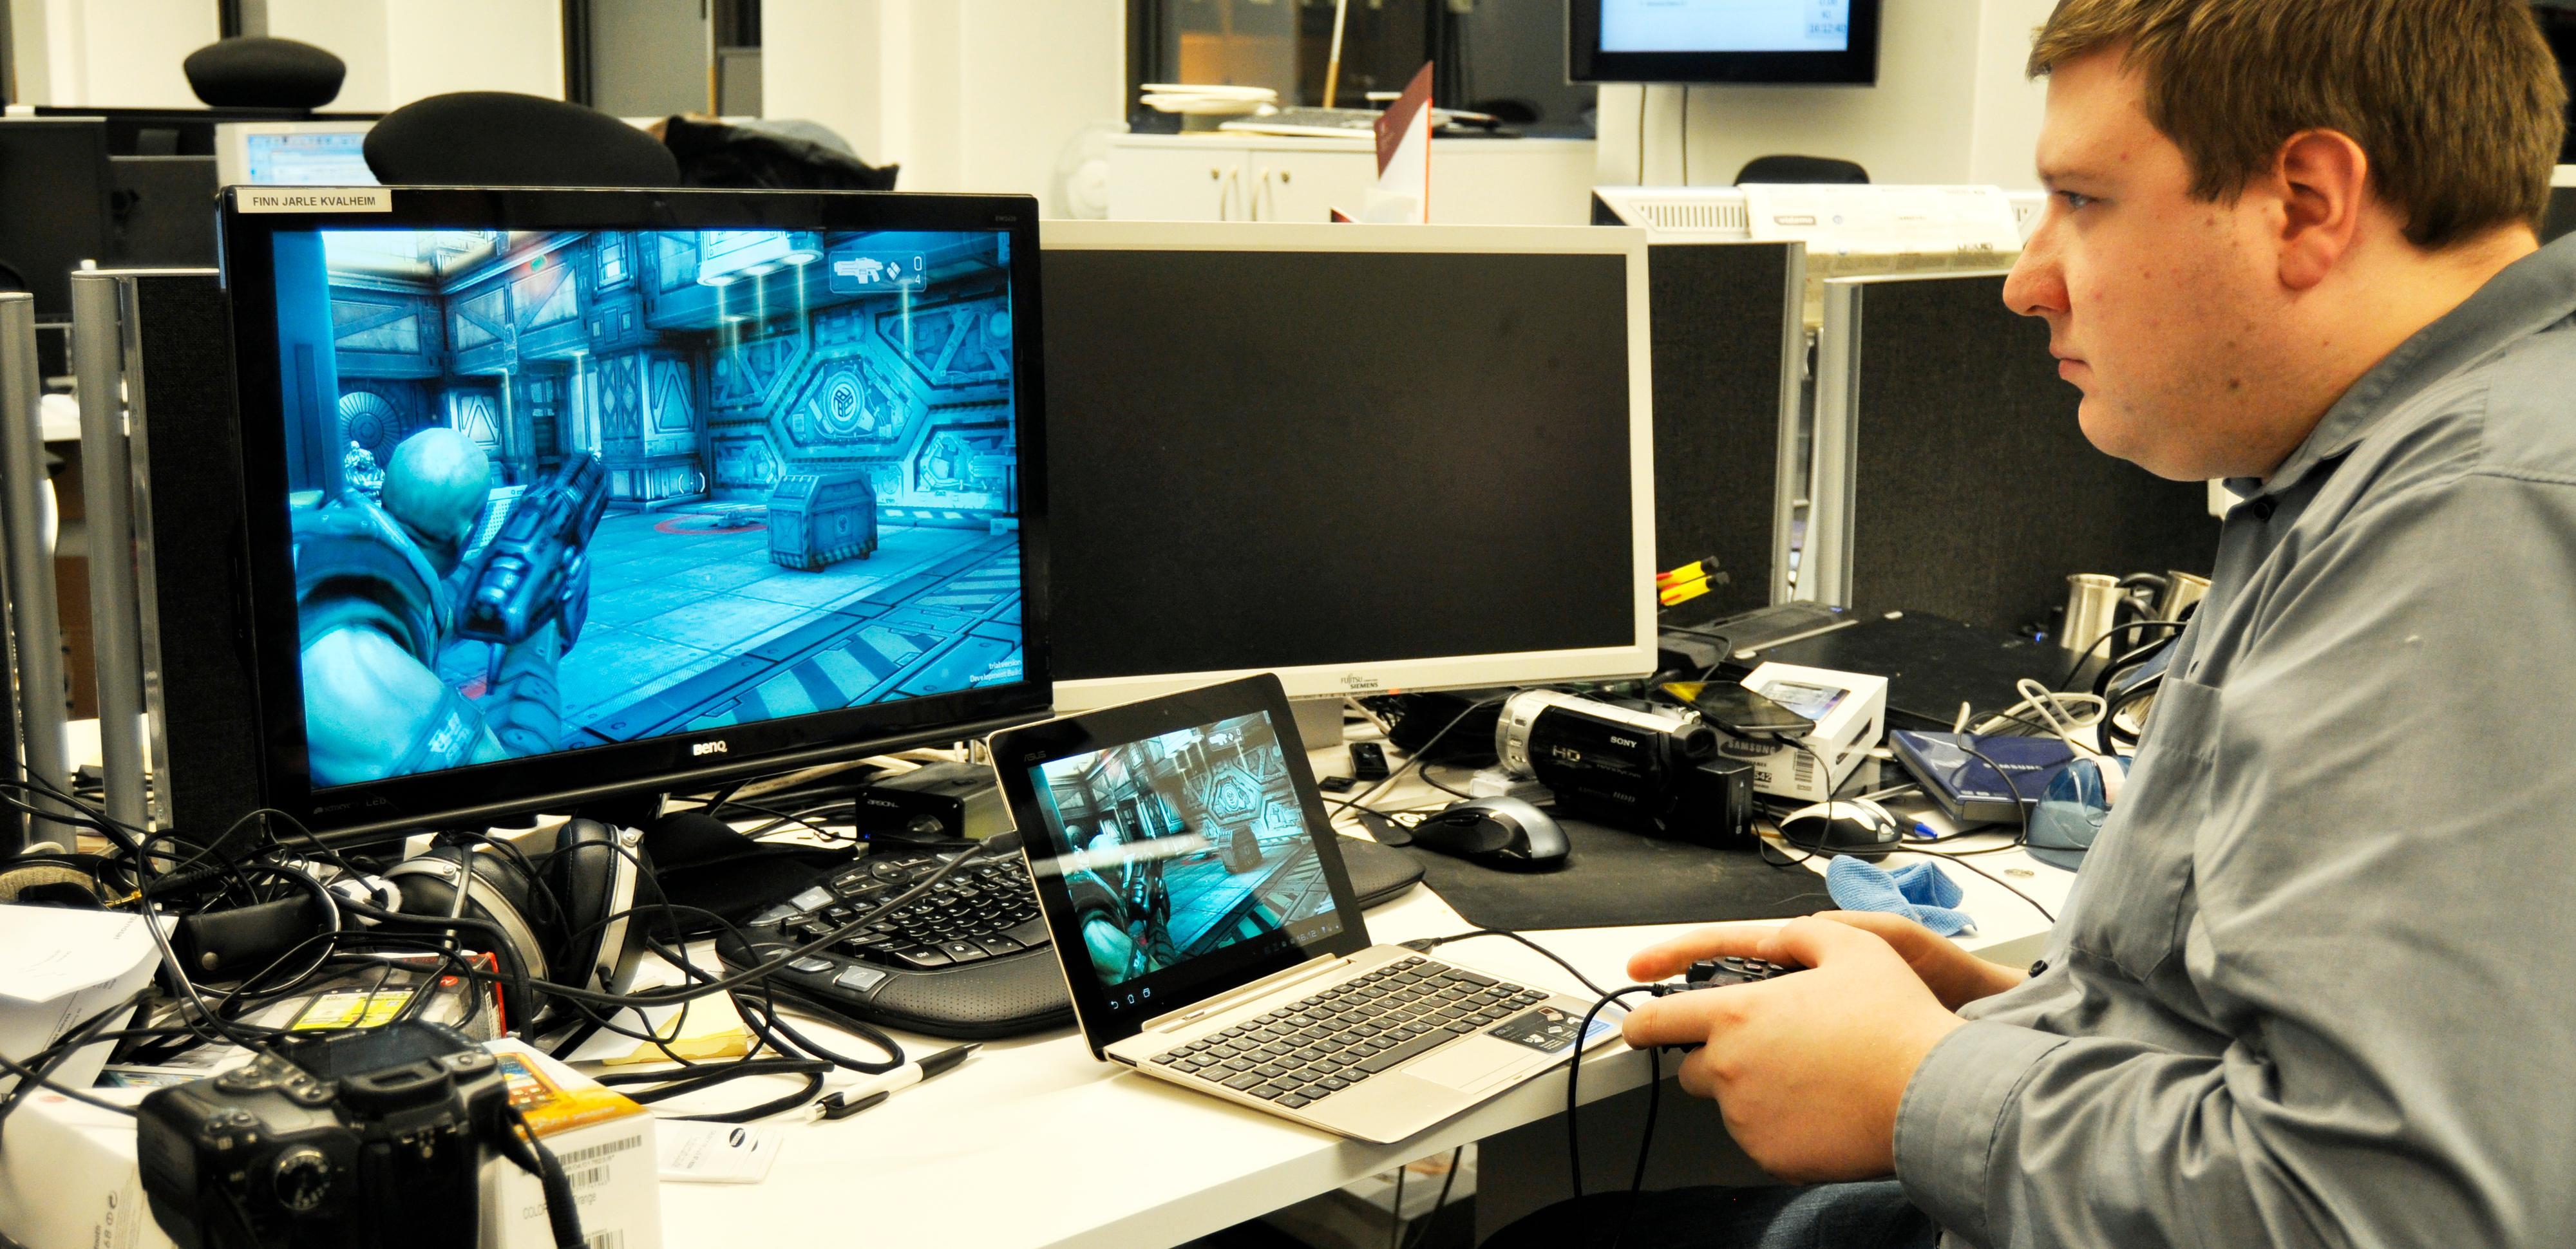 Slik ser det ut når vi tester spillfunksjonene i Transformer Prime - legg merke til håndkontrollen.